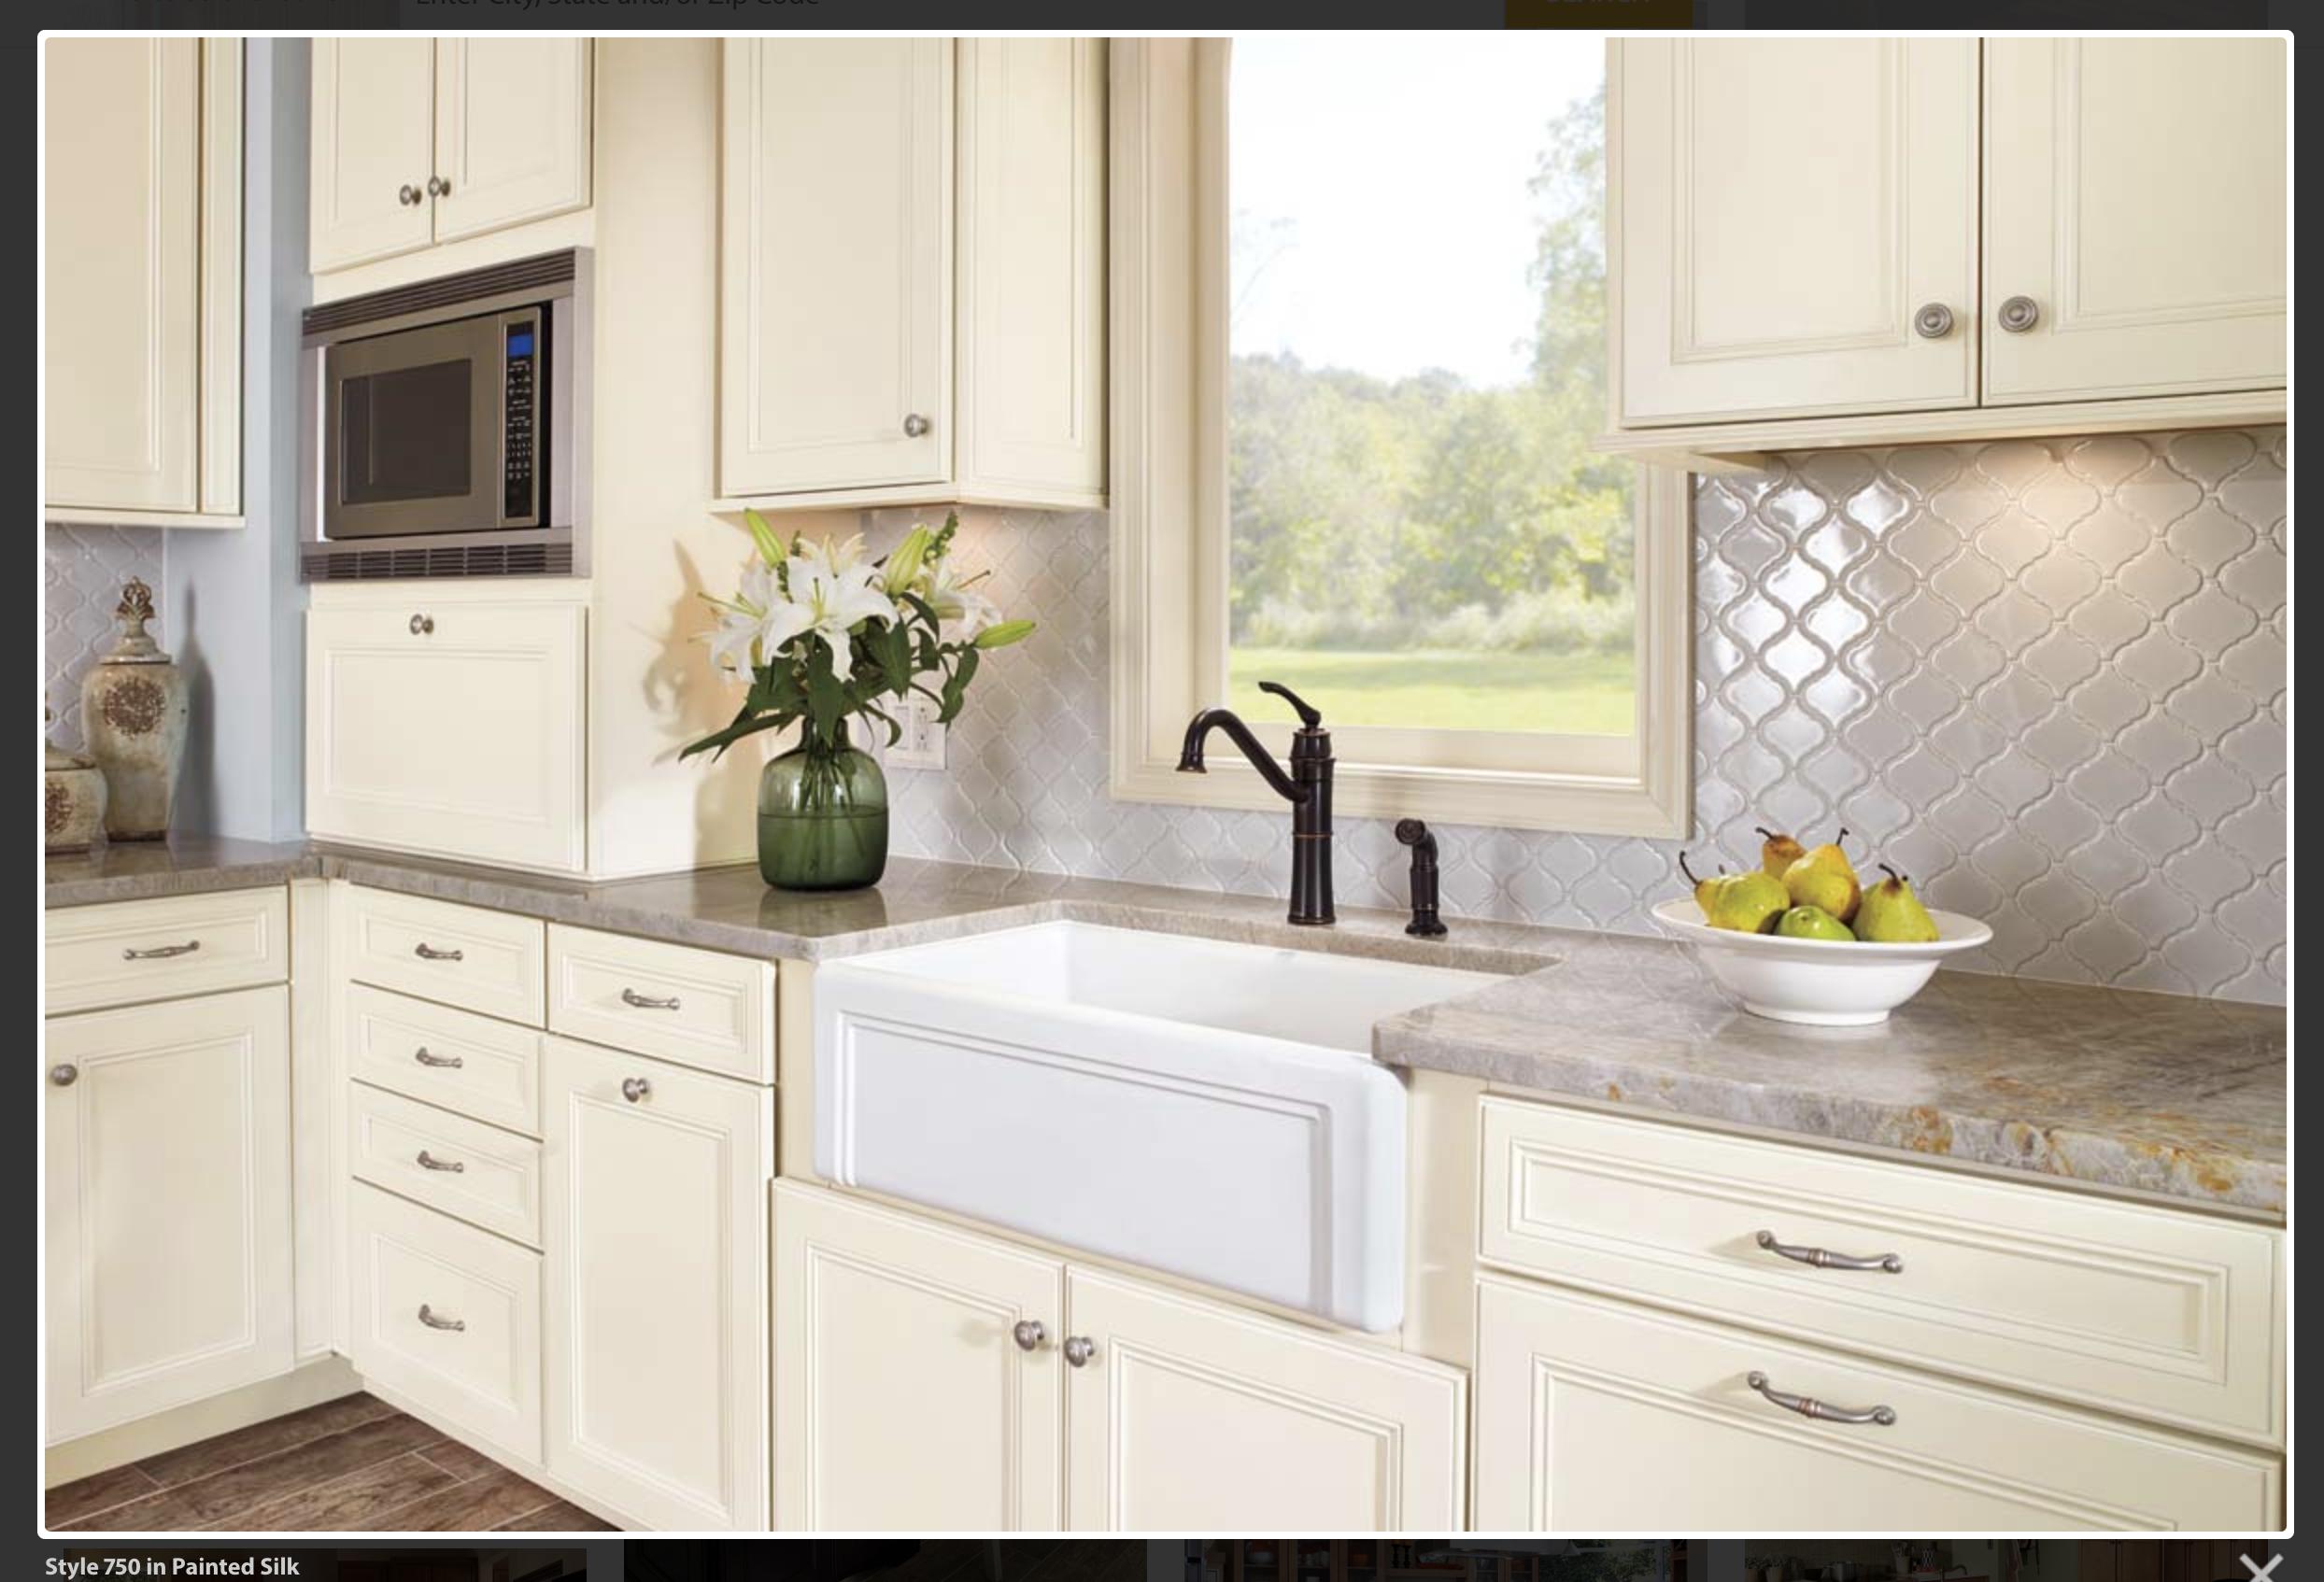 Best Waypoint 750 Painted Silk Kitchen Cabinets Kitchen 400 x 300